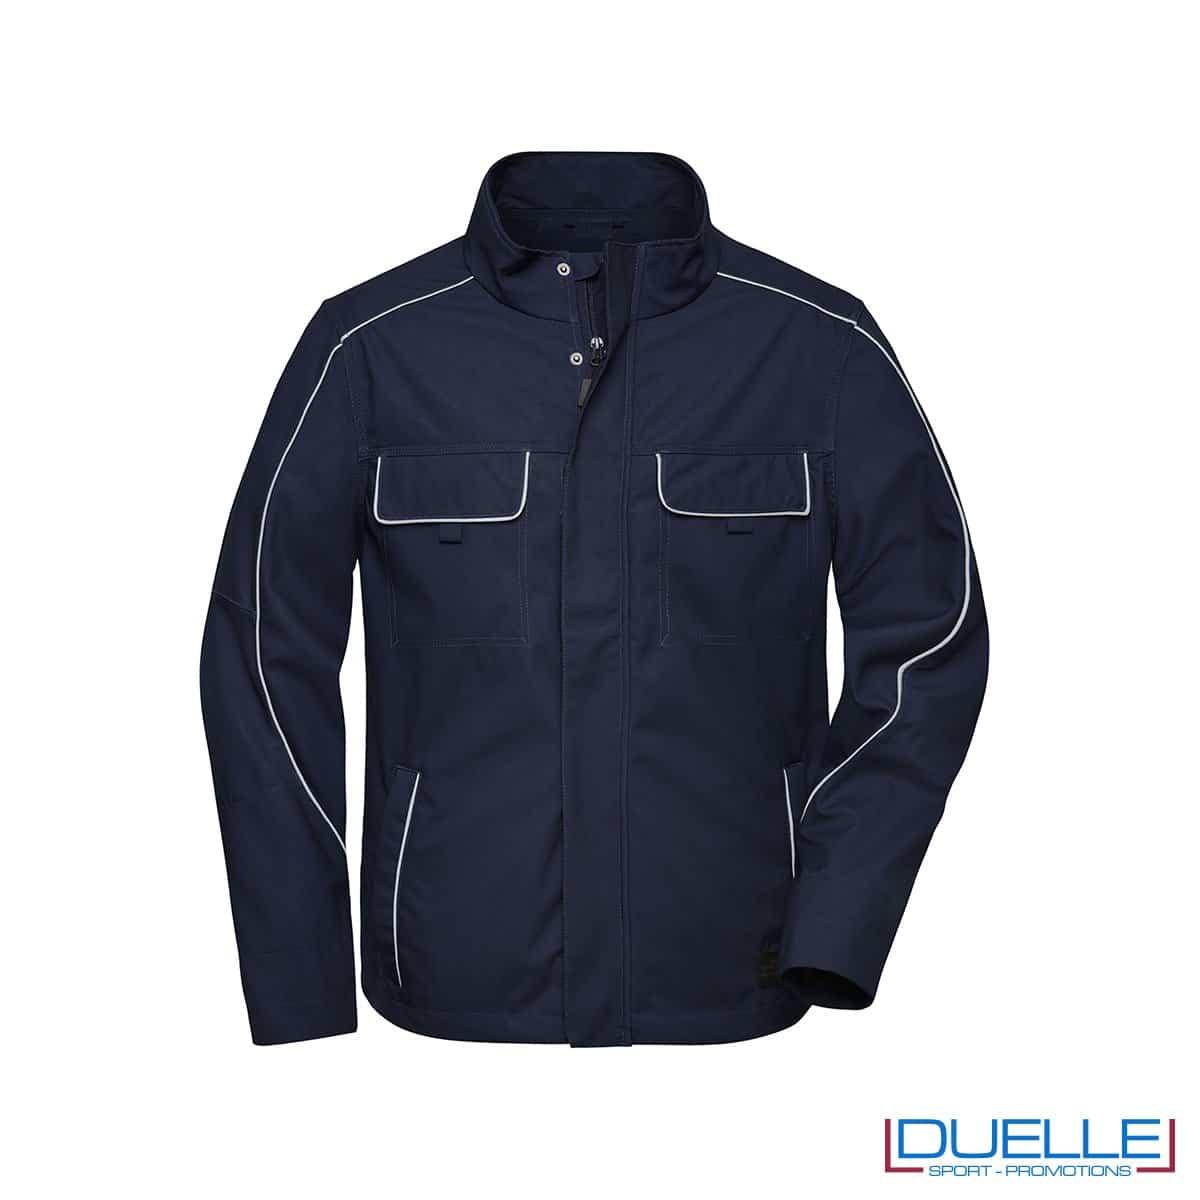 Giacca da lavoro blu navy personalizzata